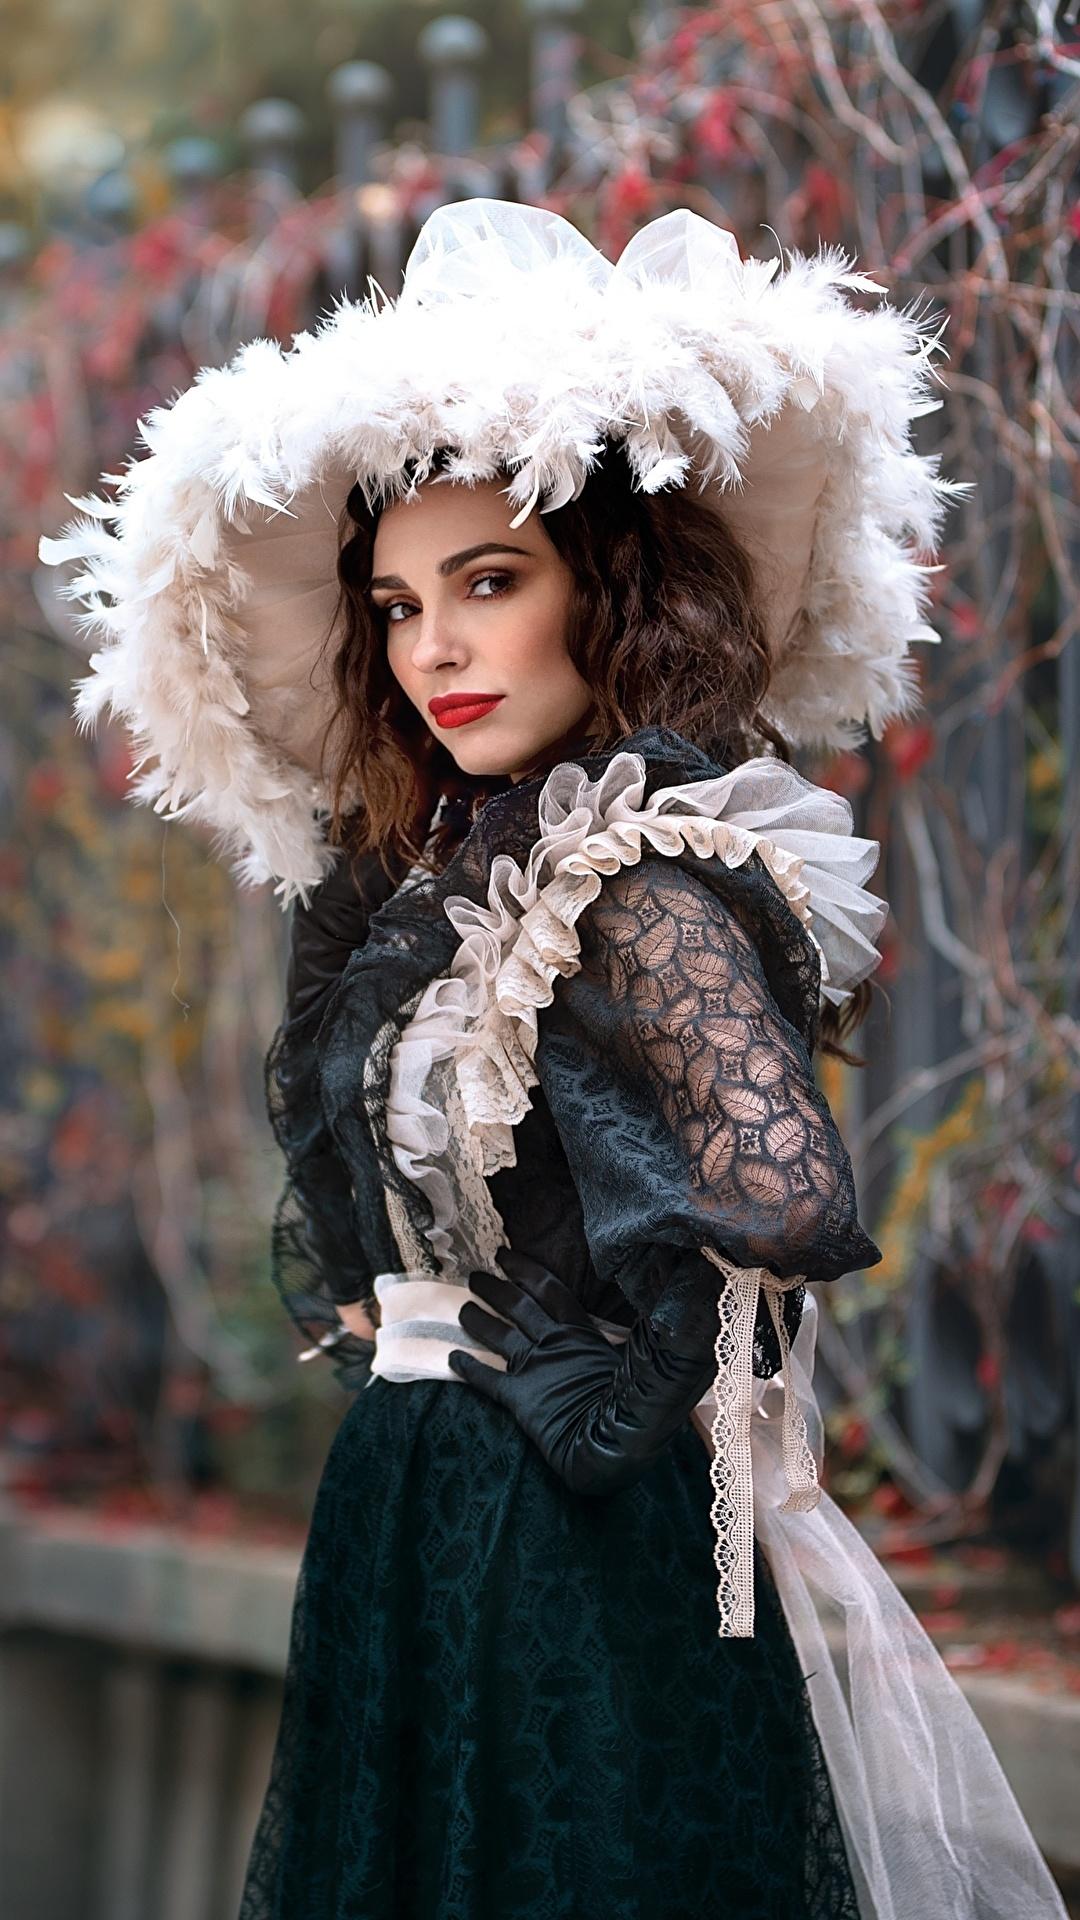 Обои для рабочего стола Размытый фон Шляпа винтаж Девушки платья 1080x1920 для мобильного телефона боке Ретро шляпы шляпе девушка старинные молодые женщины молодая женщина Платье